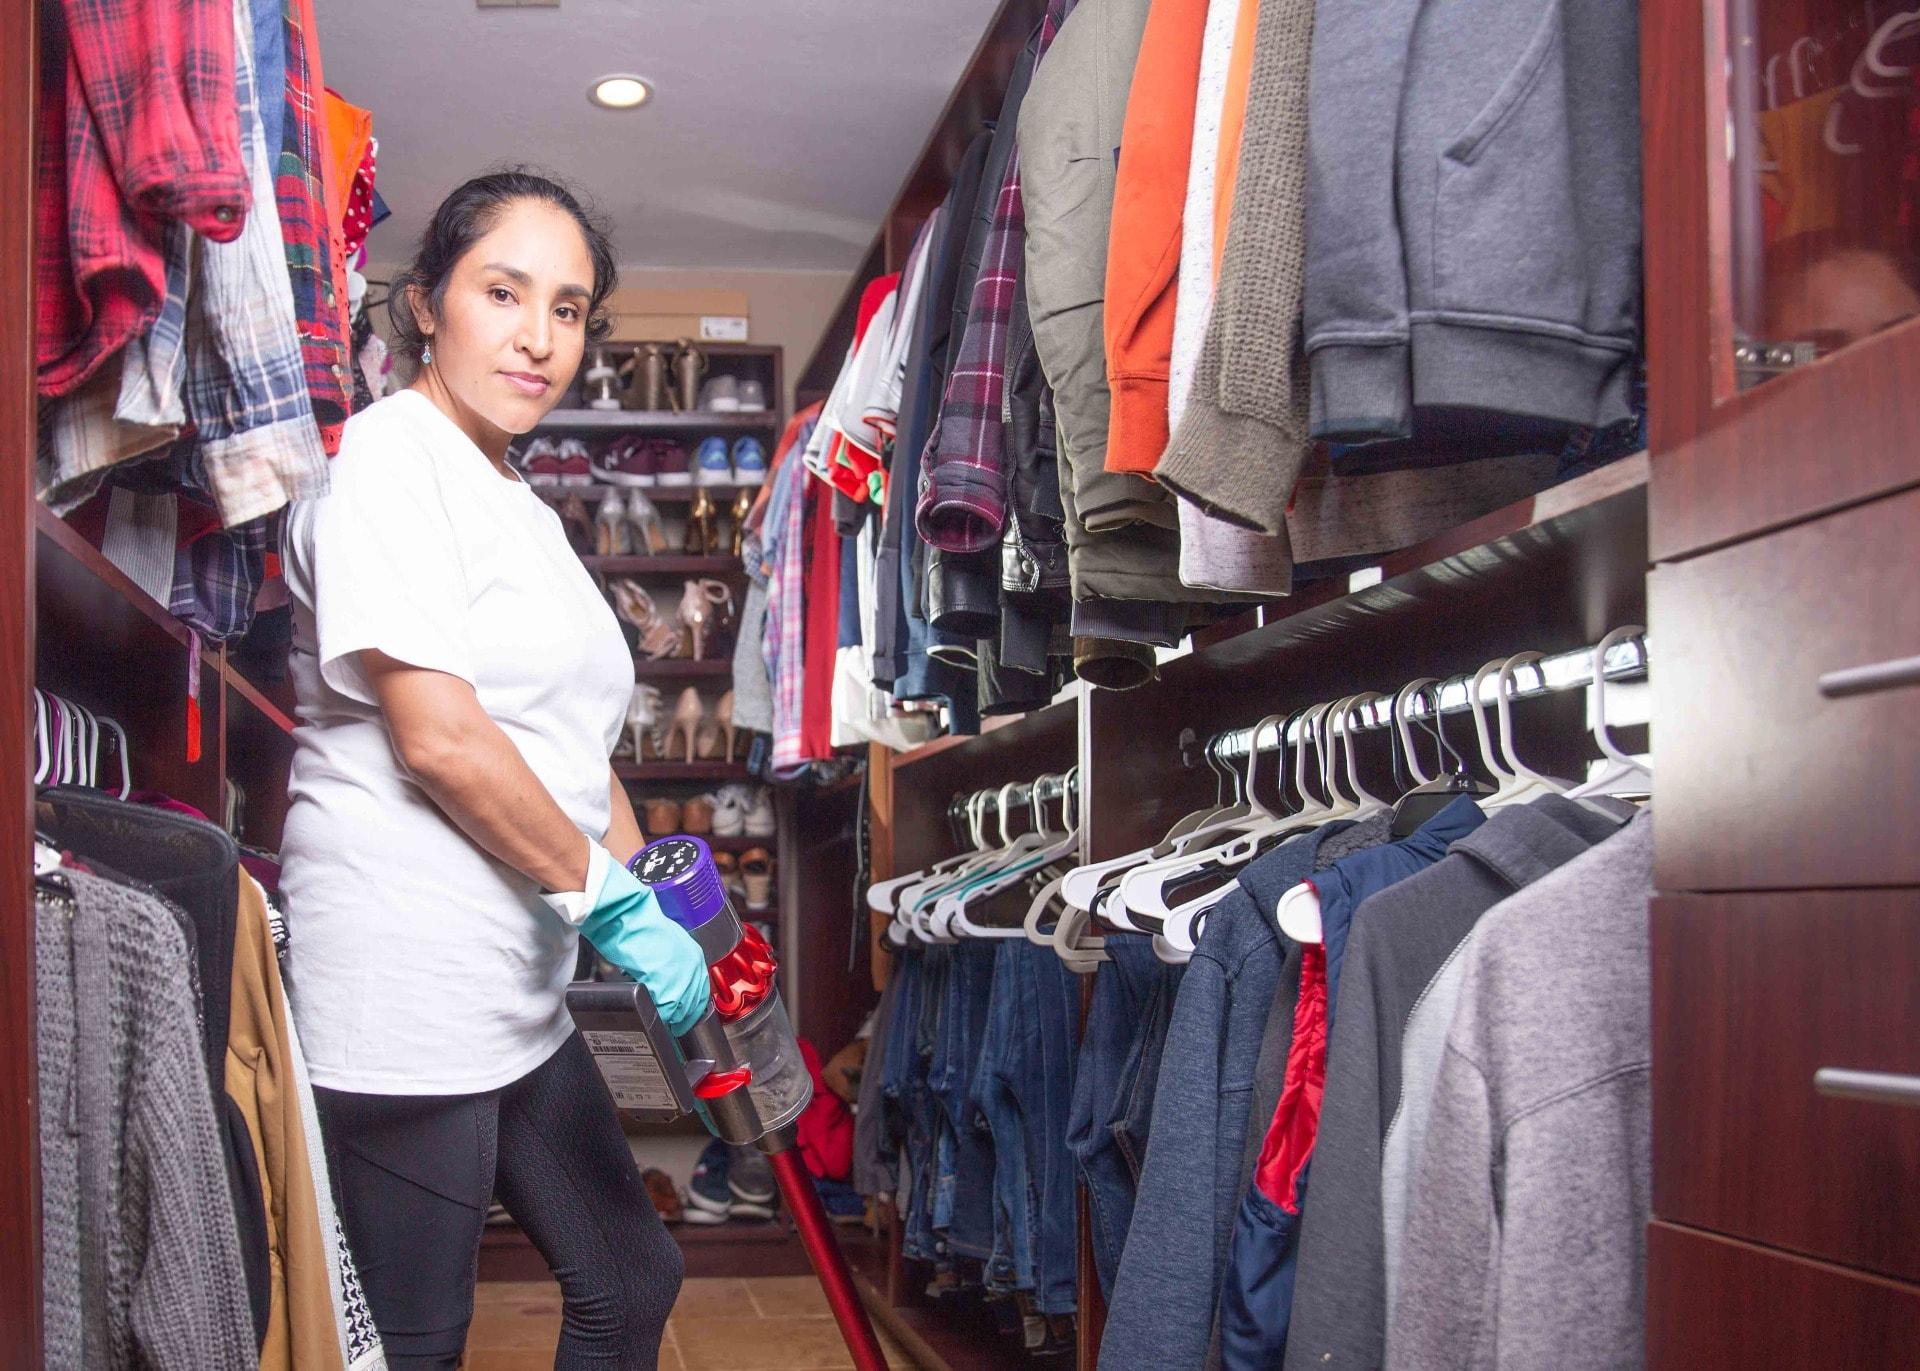 women vacuuming closet